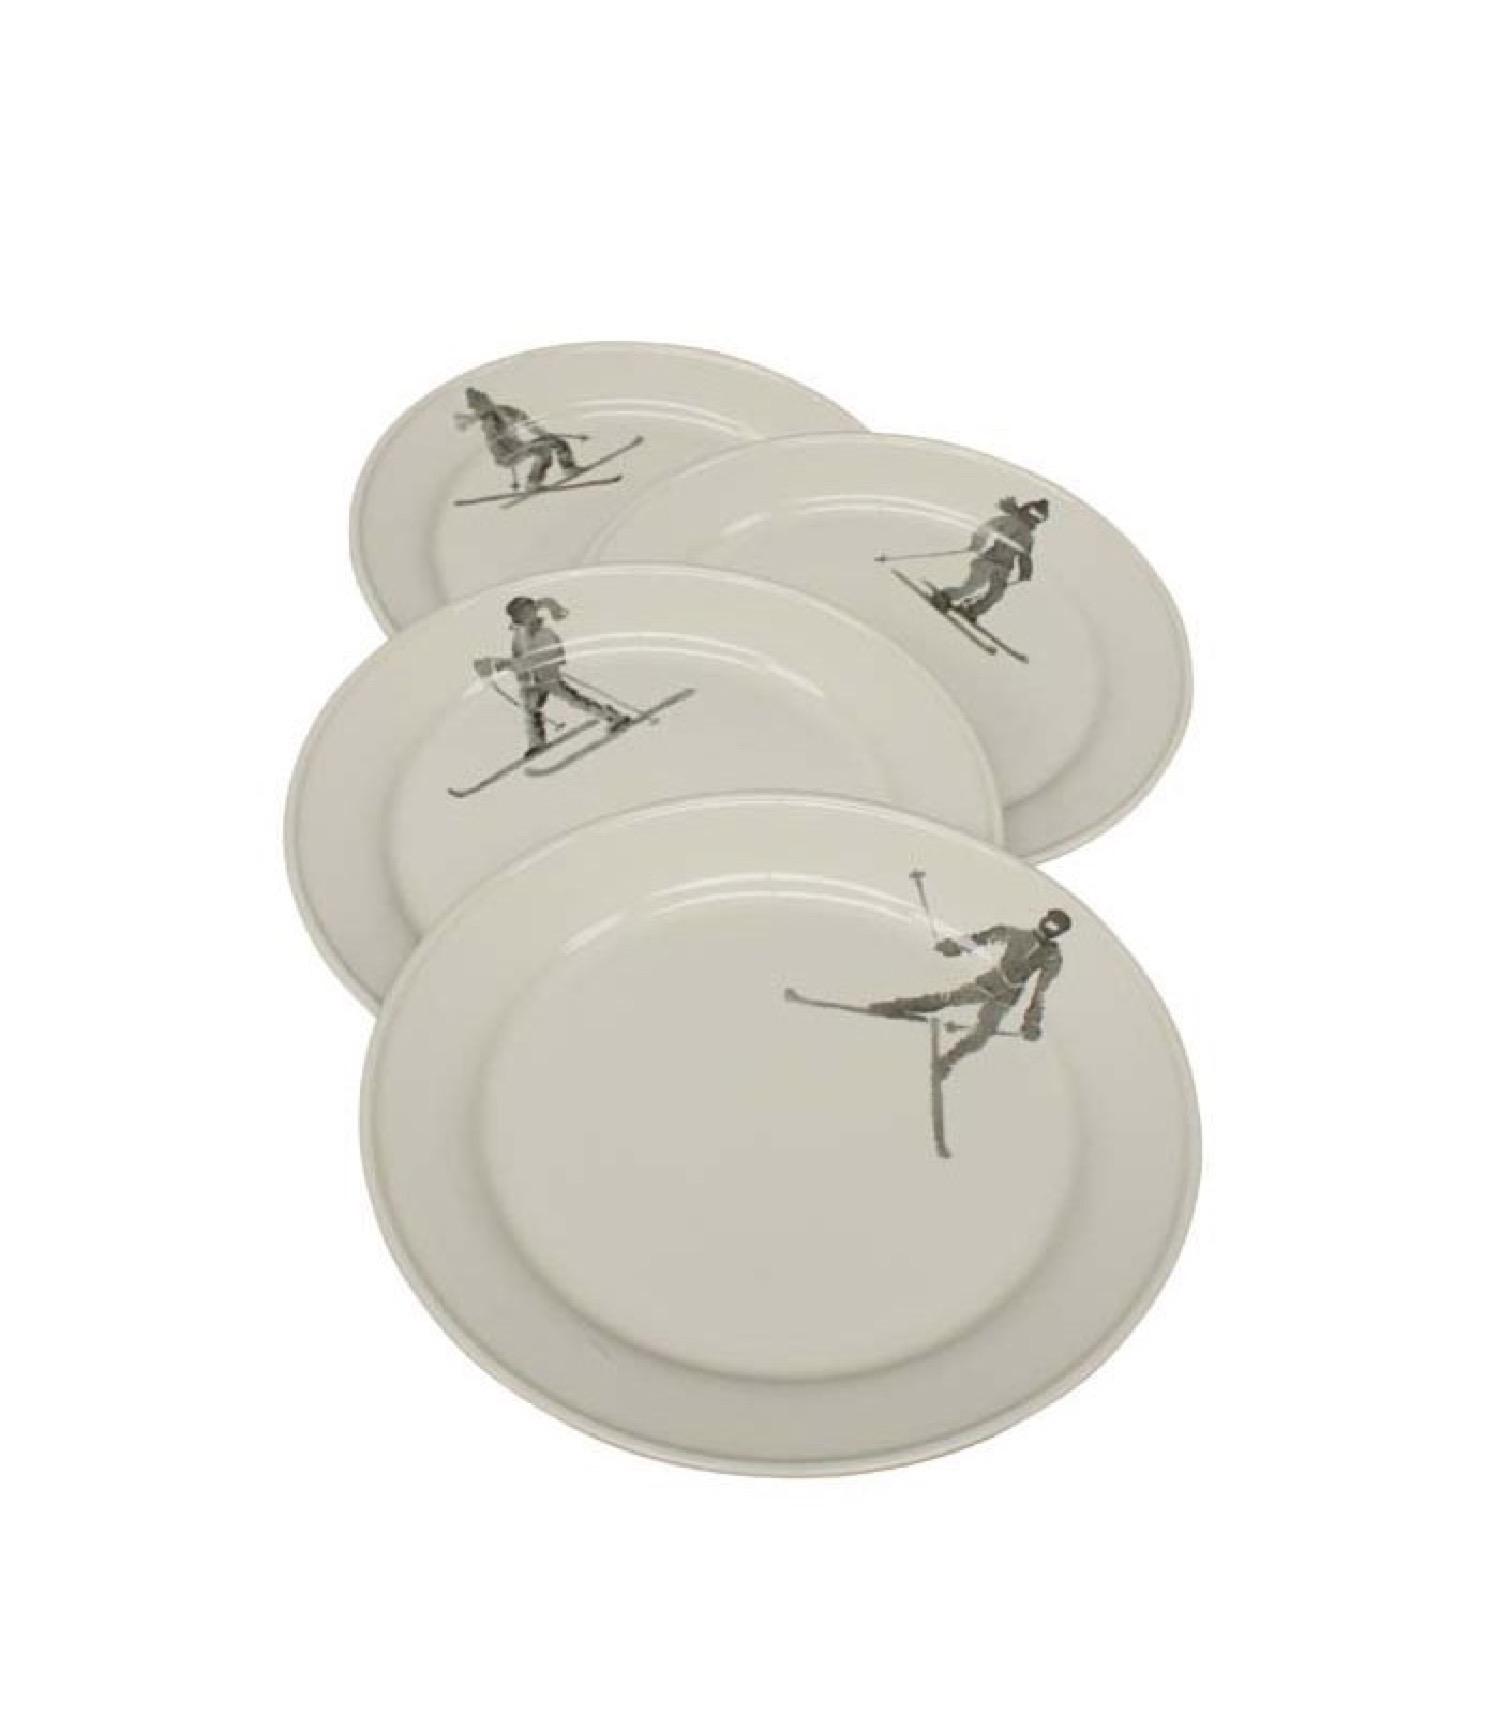 Assiette en céramique blanche D27cm - Lot de 4